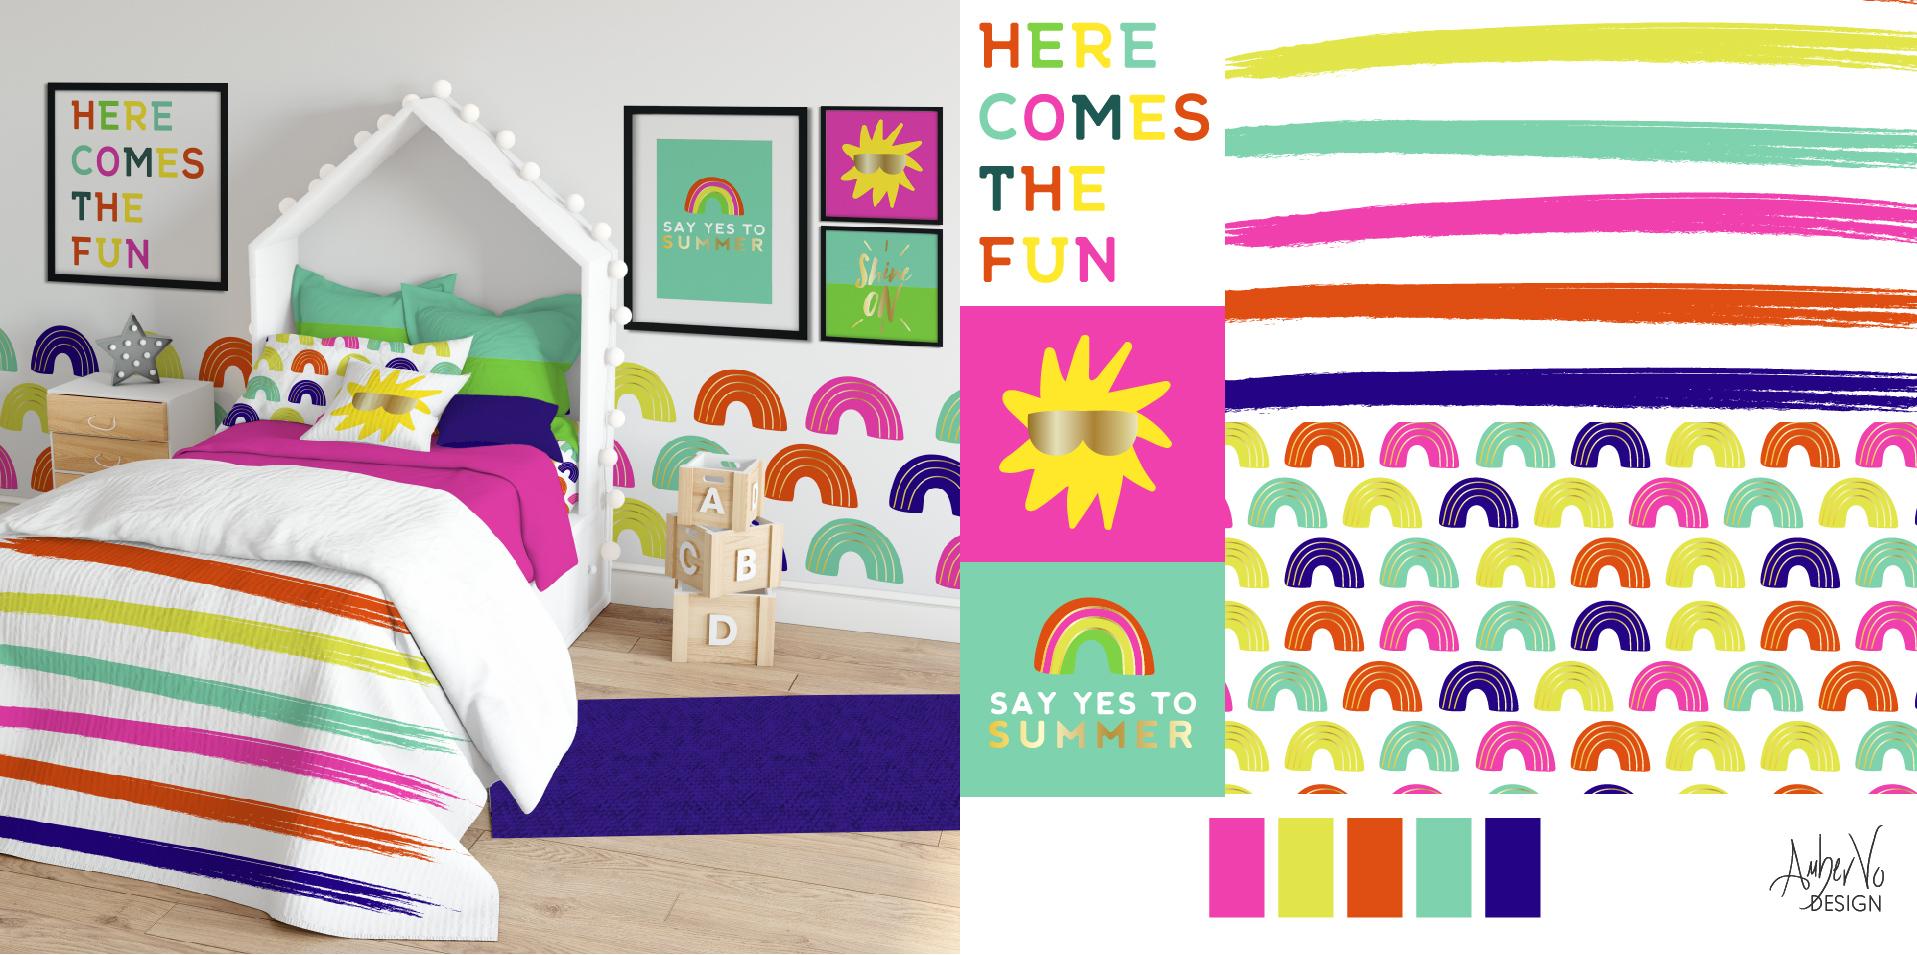 ambervodesign-summerfunrainbowneonbrightchildrensbeddingpattern_privatelabelsurfacedesign-kidsroom-summertropicalpattern.jpg